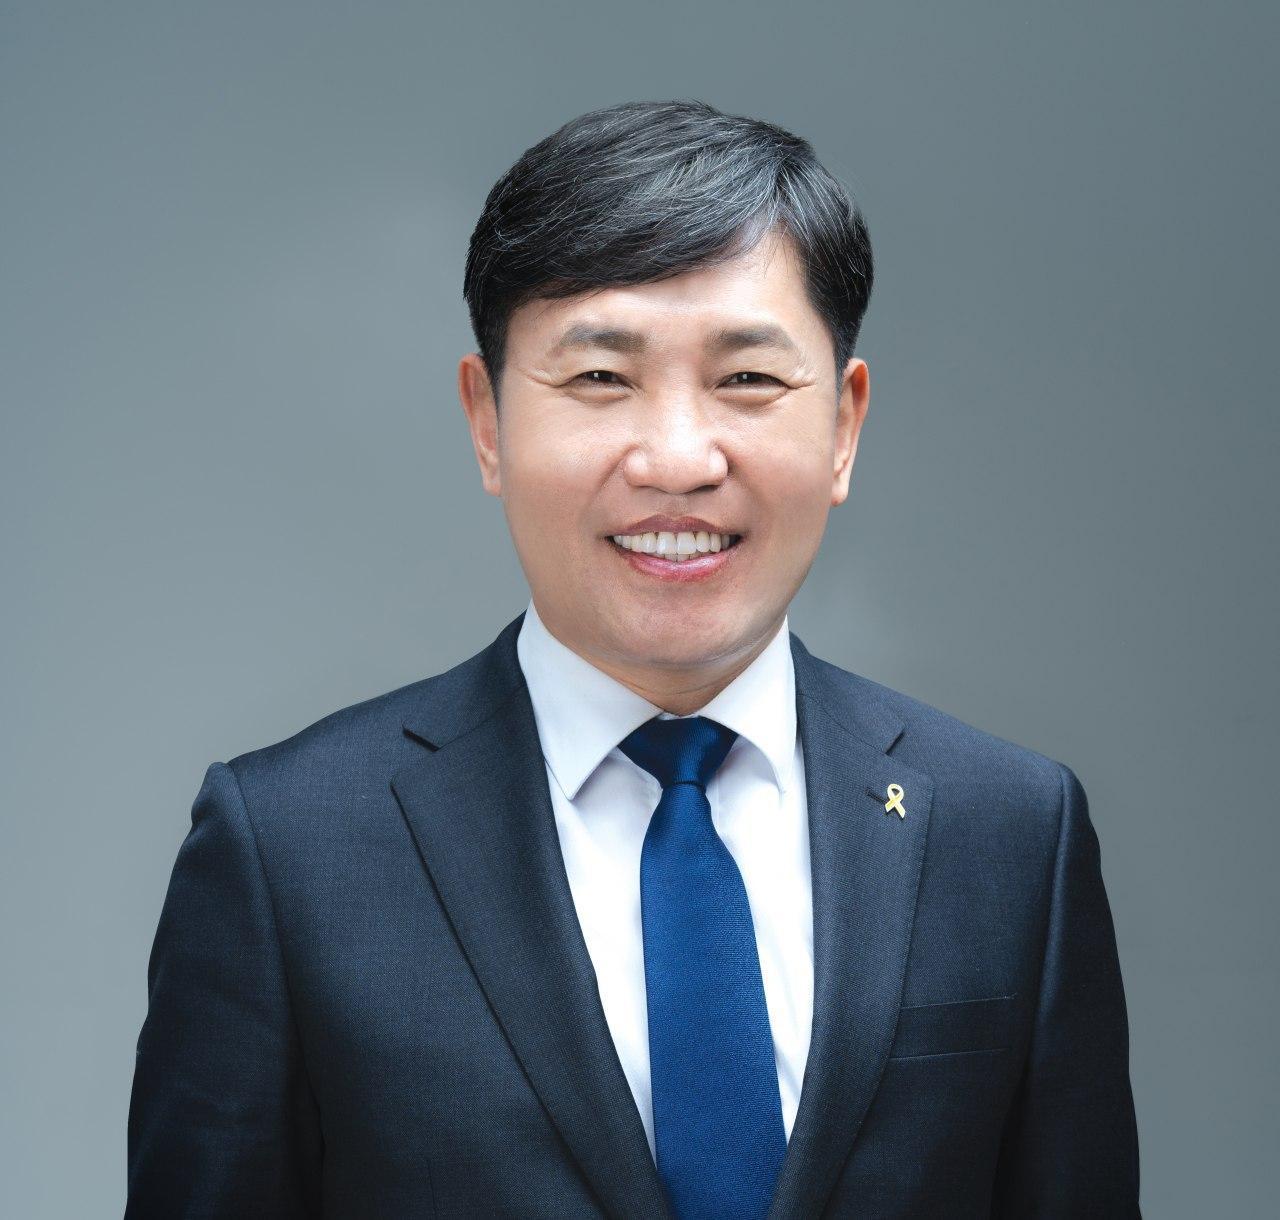 더불어민주당 조오섭 의원